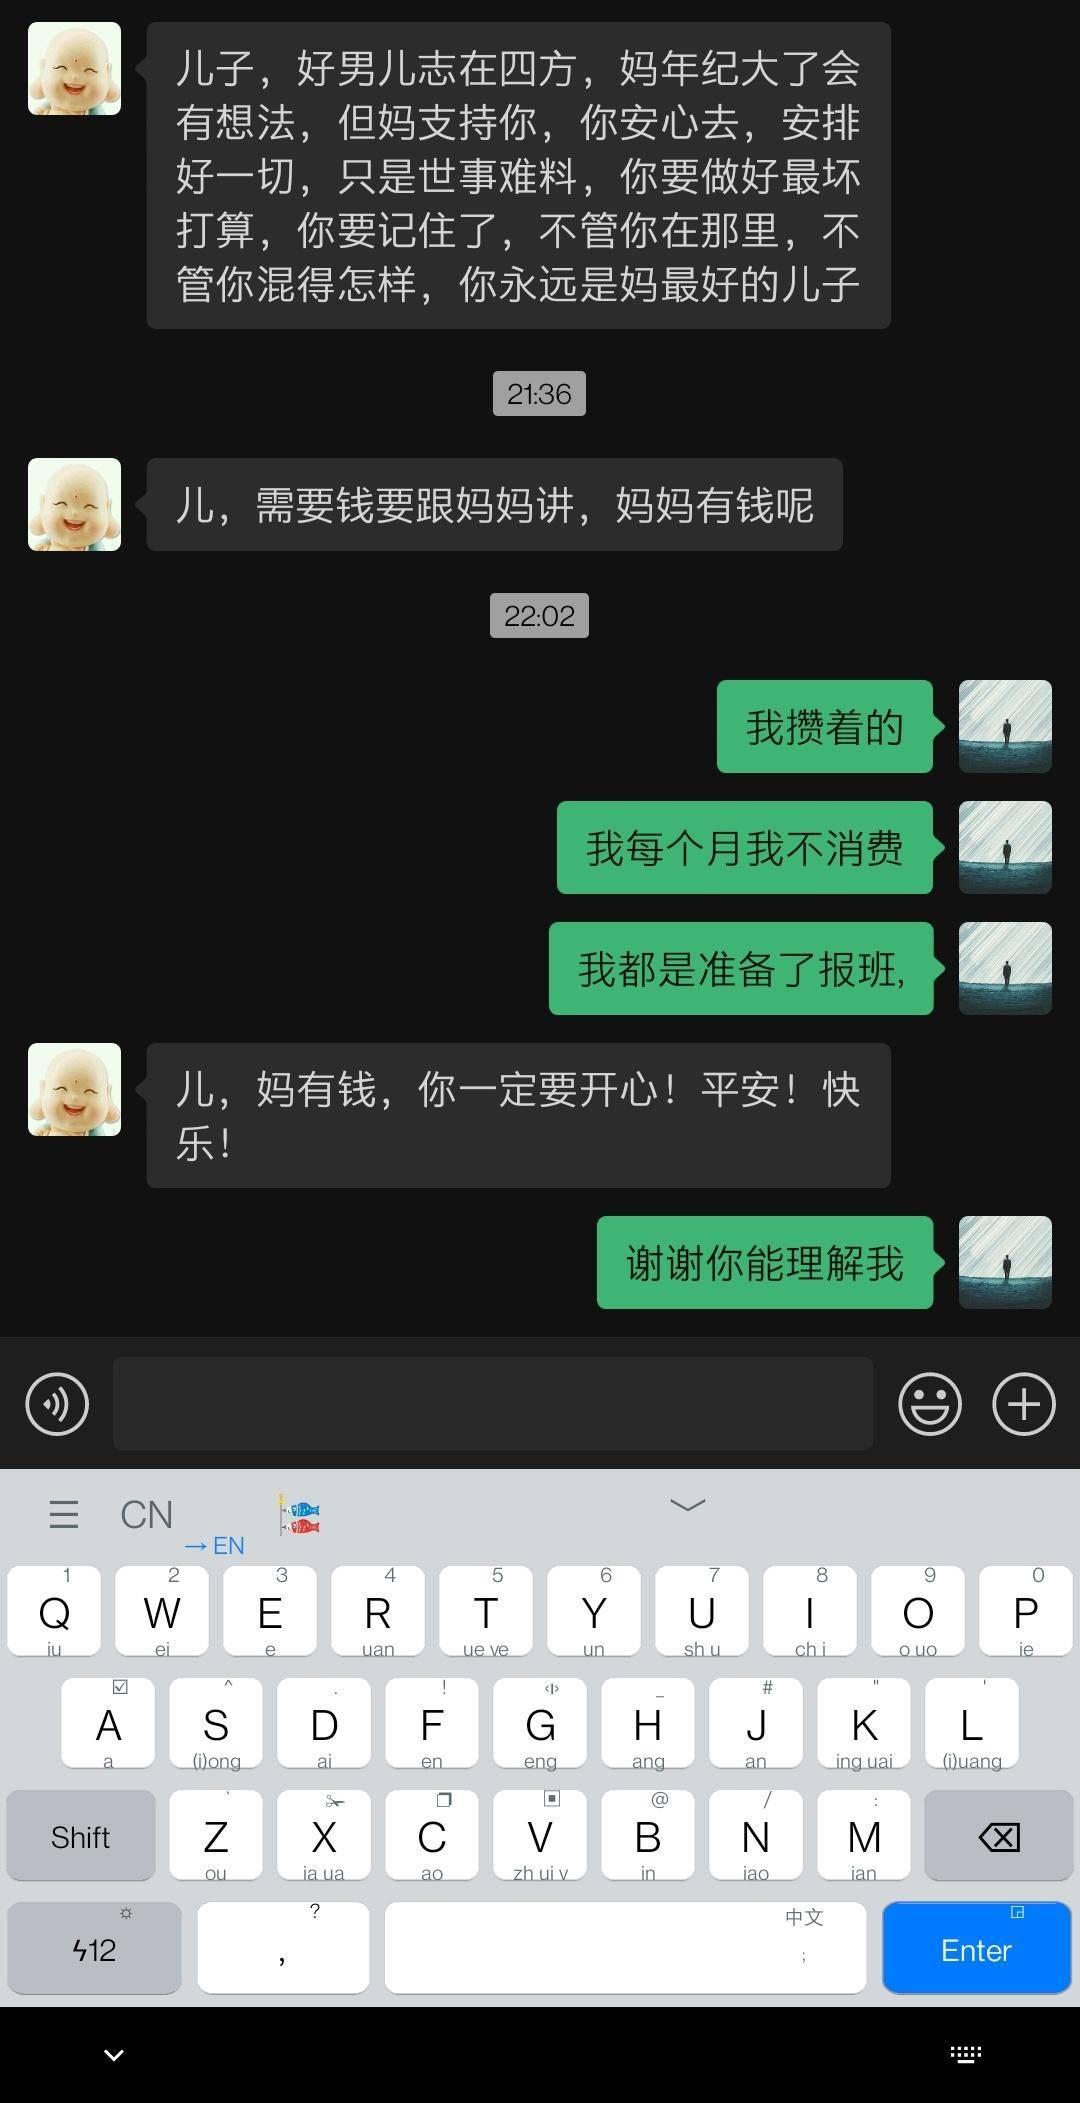 Screenshot_20210428-220602.jpg